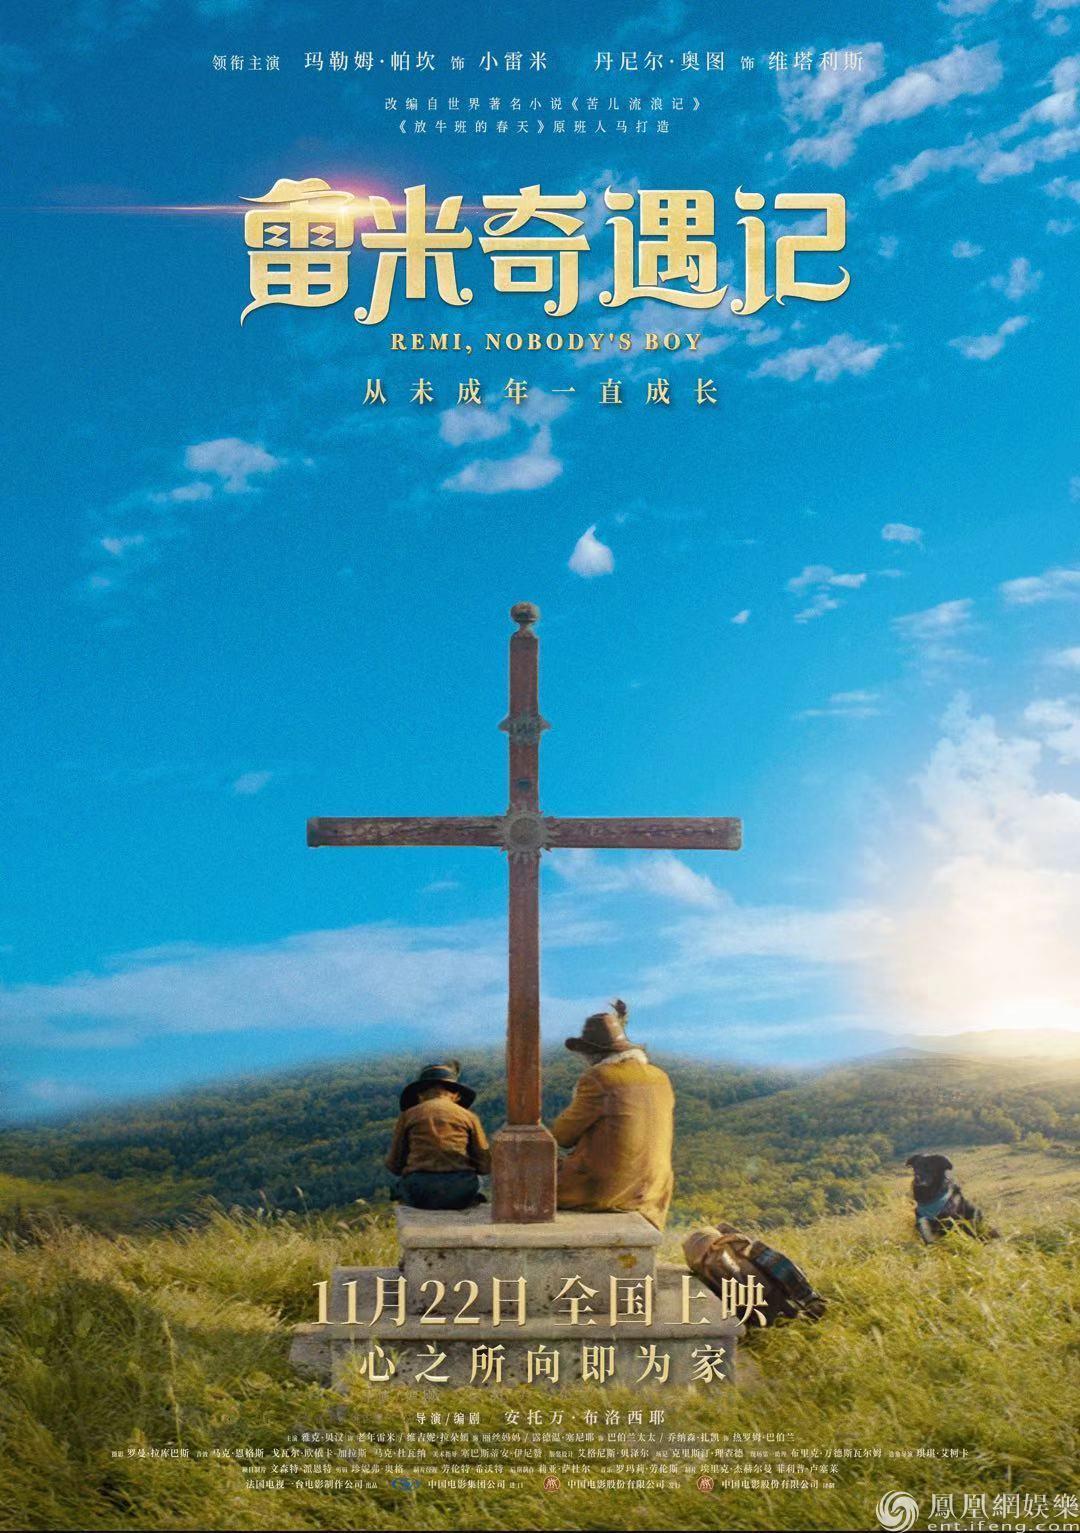 在风景如画的山坡上,小雷米和维塔利斯低头对坐,一座十字架横亘在他们